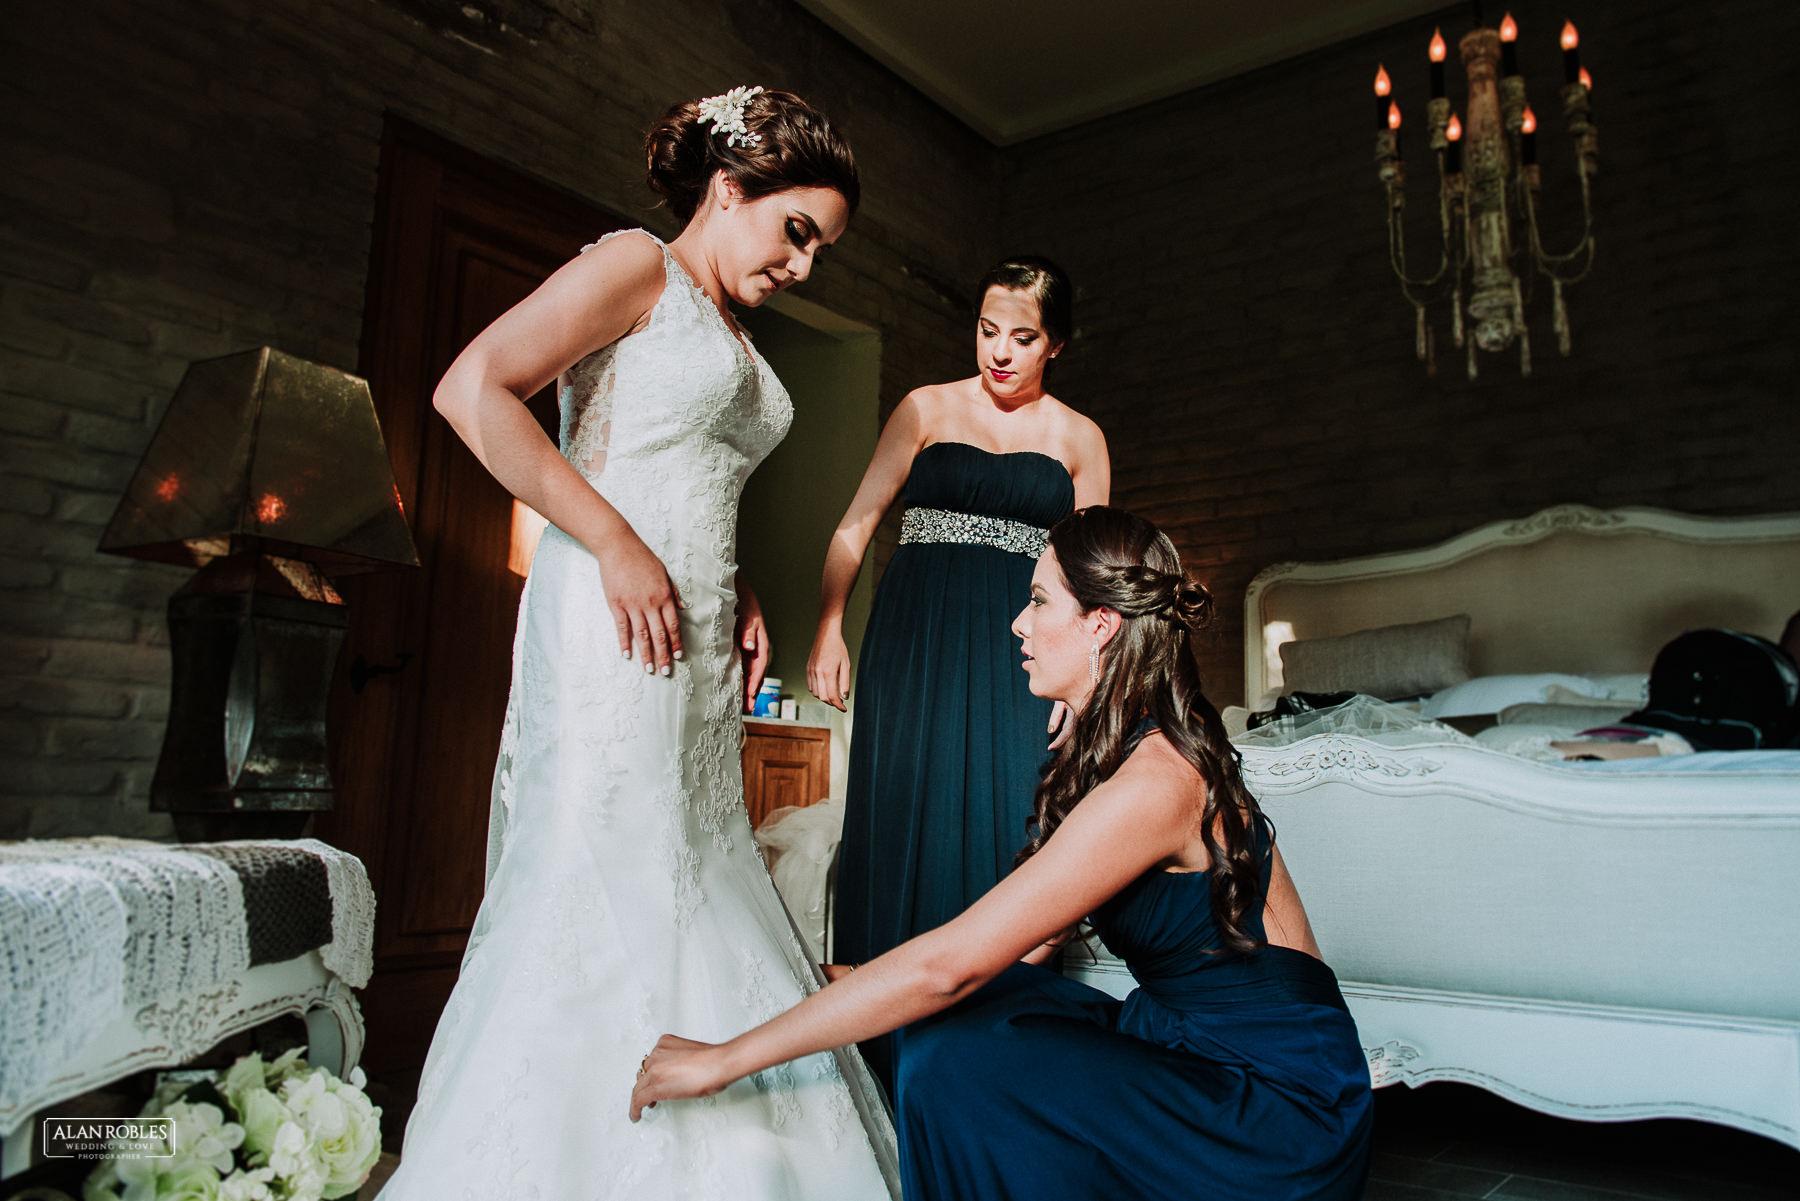 Fotografo de bodas Alan Robles-Casa Clementina Guadalajara DyA-26